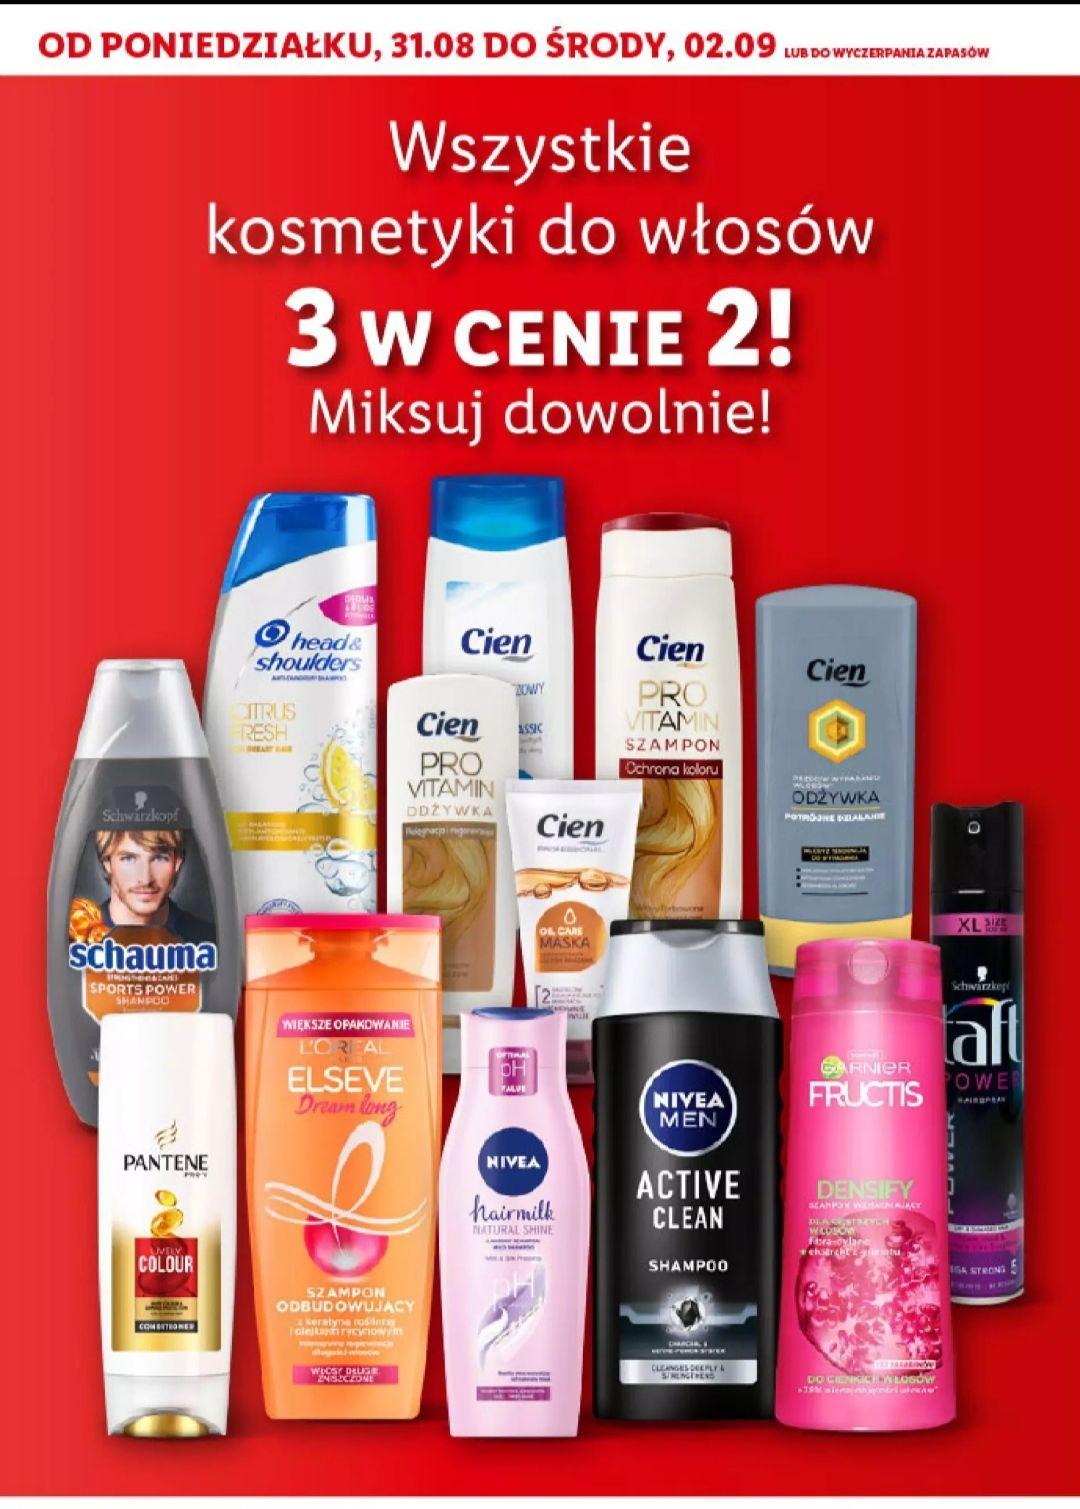 Wszystkie kosmetyki do włosów 3 w cenie 2 Lidl